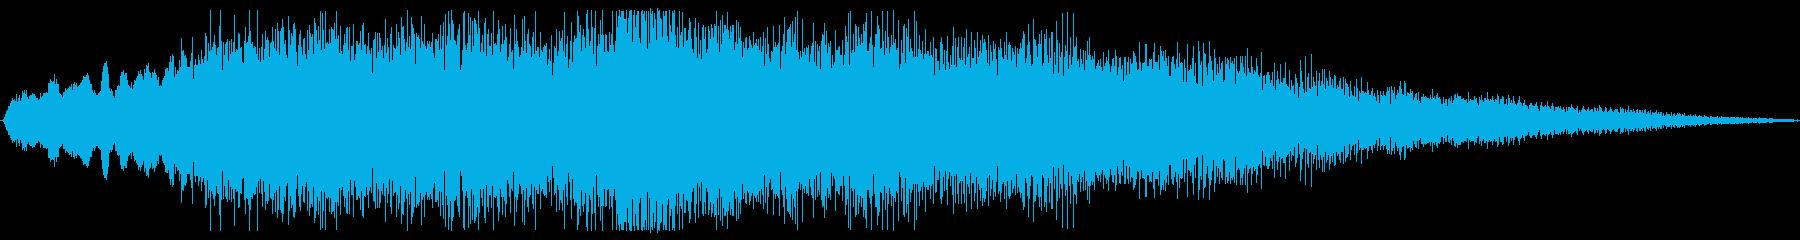 ハッピーバースデー オーケストラの再生済みの波形